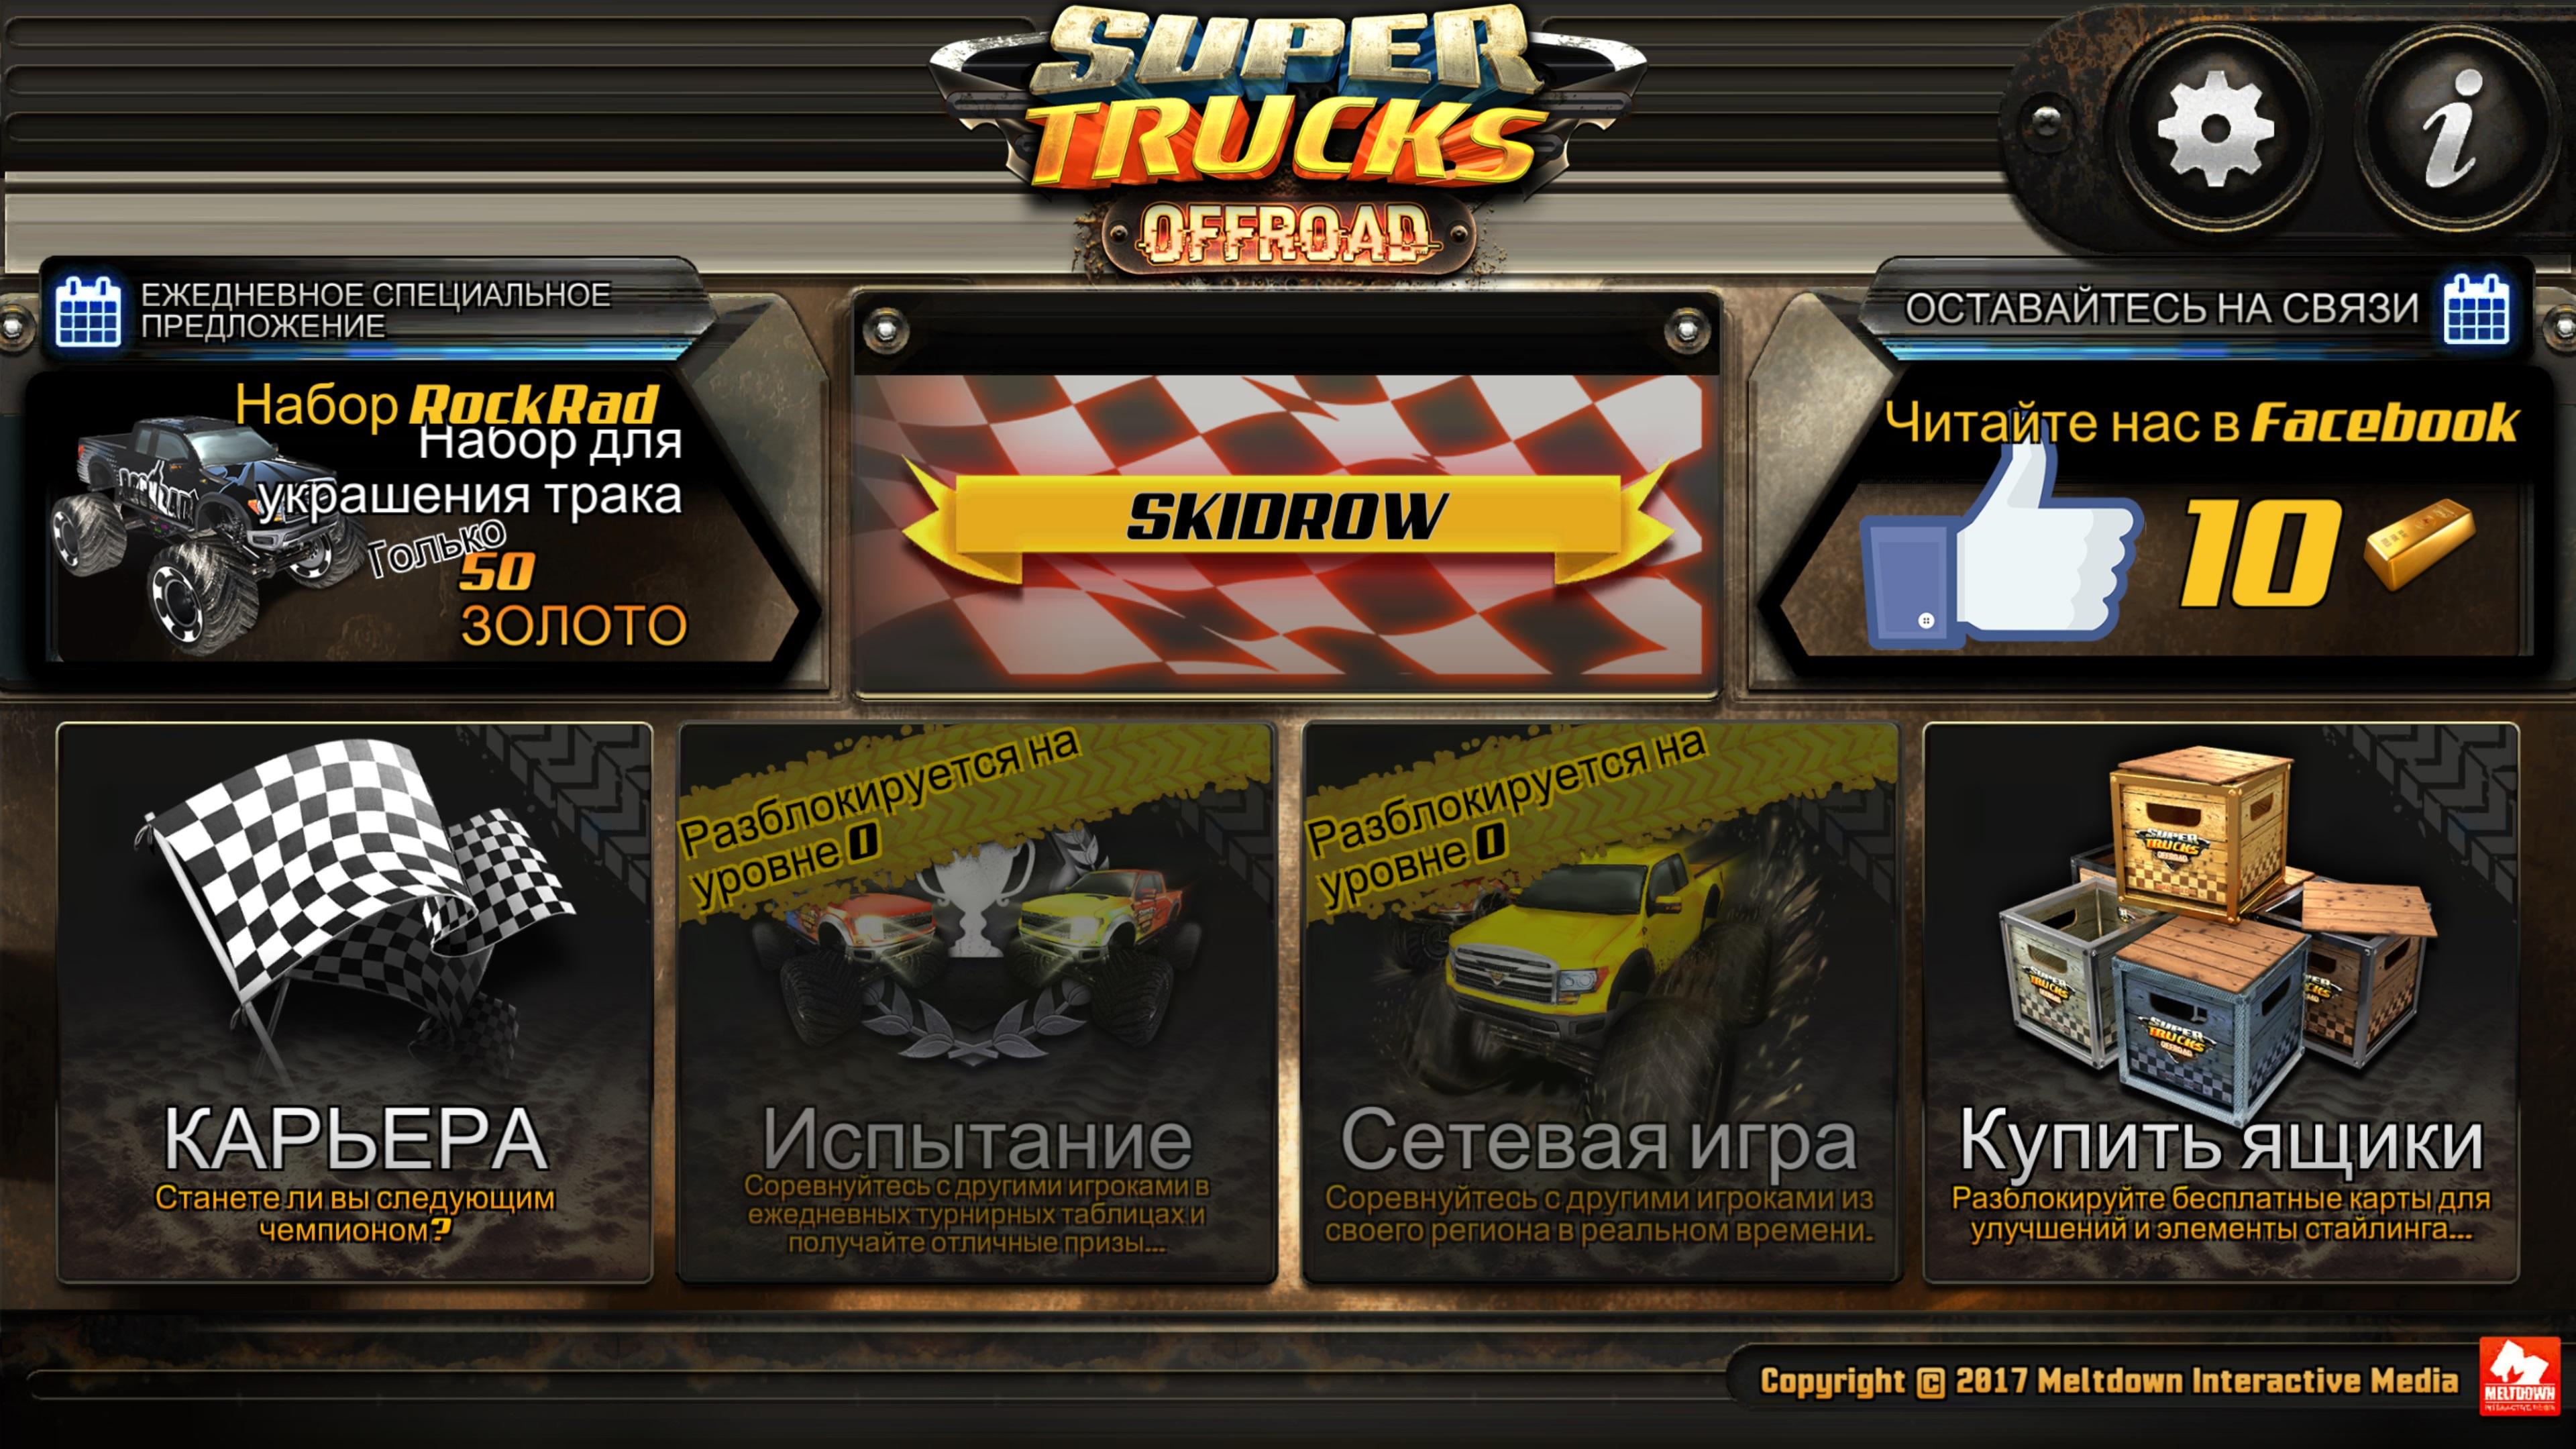 Обзор не найденной игры (ч.55)  SuperTrucks Offroad. - Изображение 2